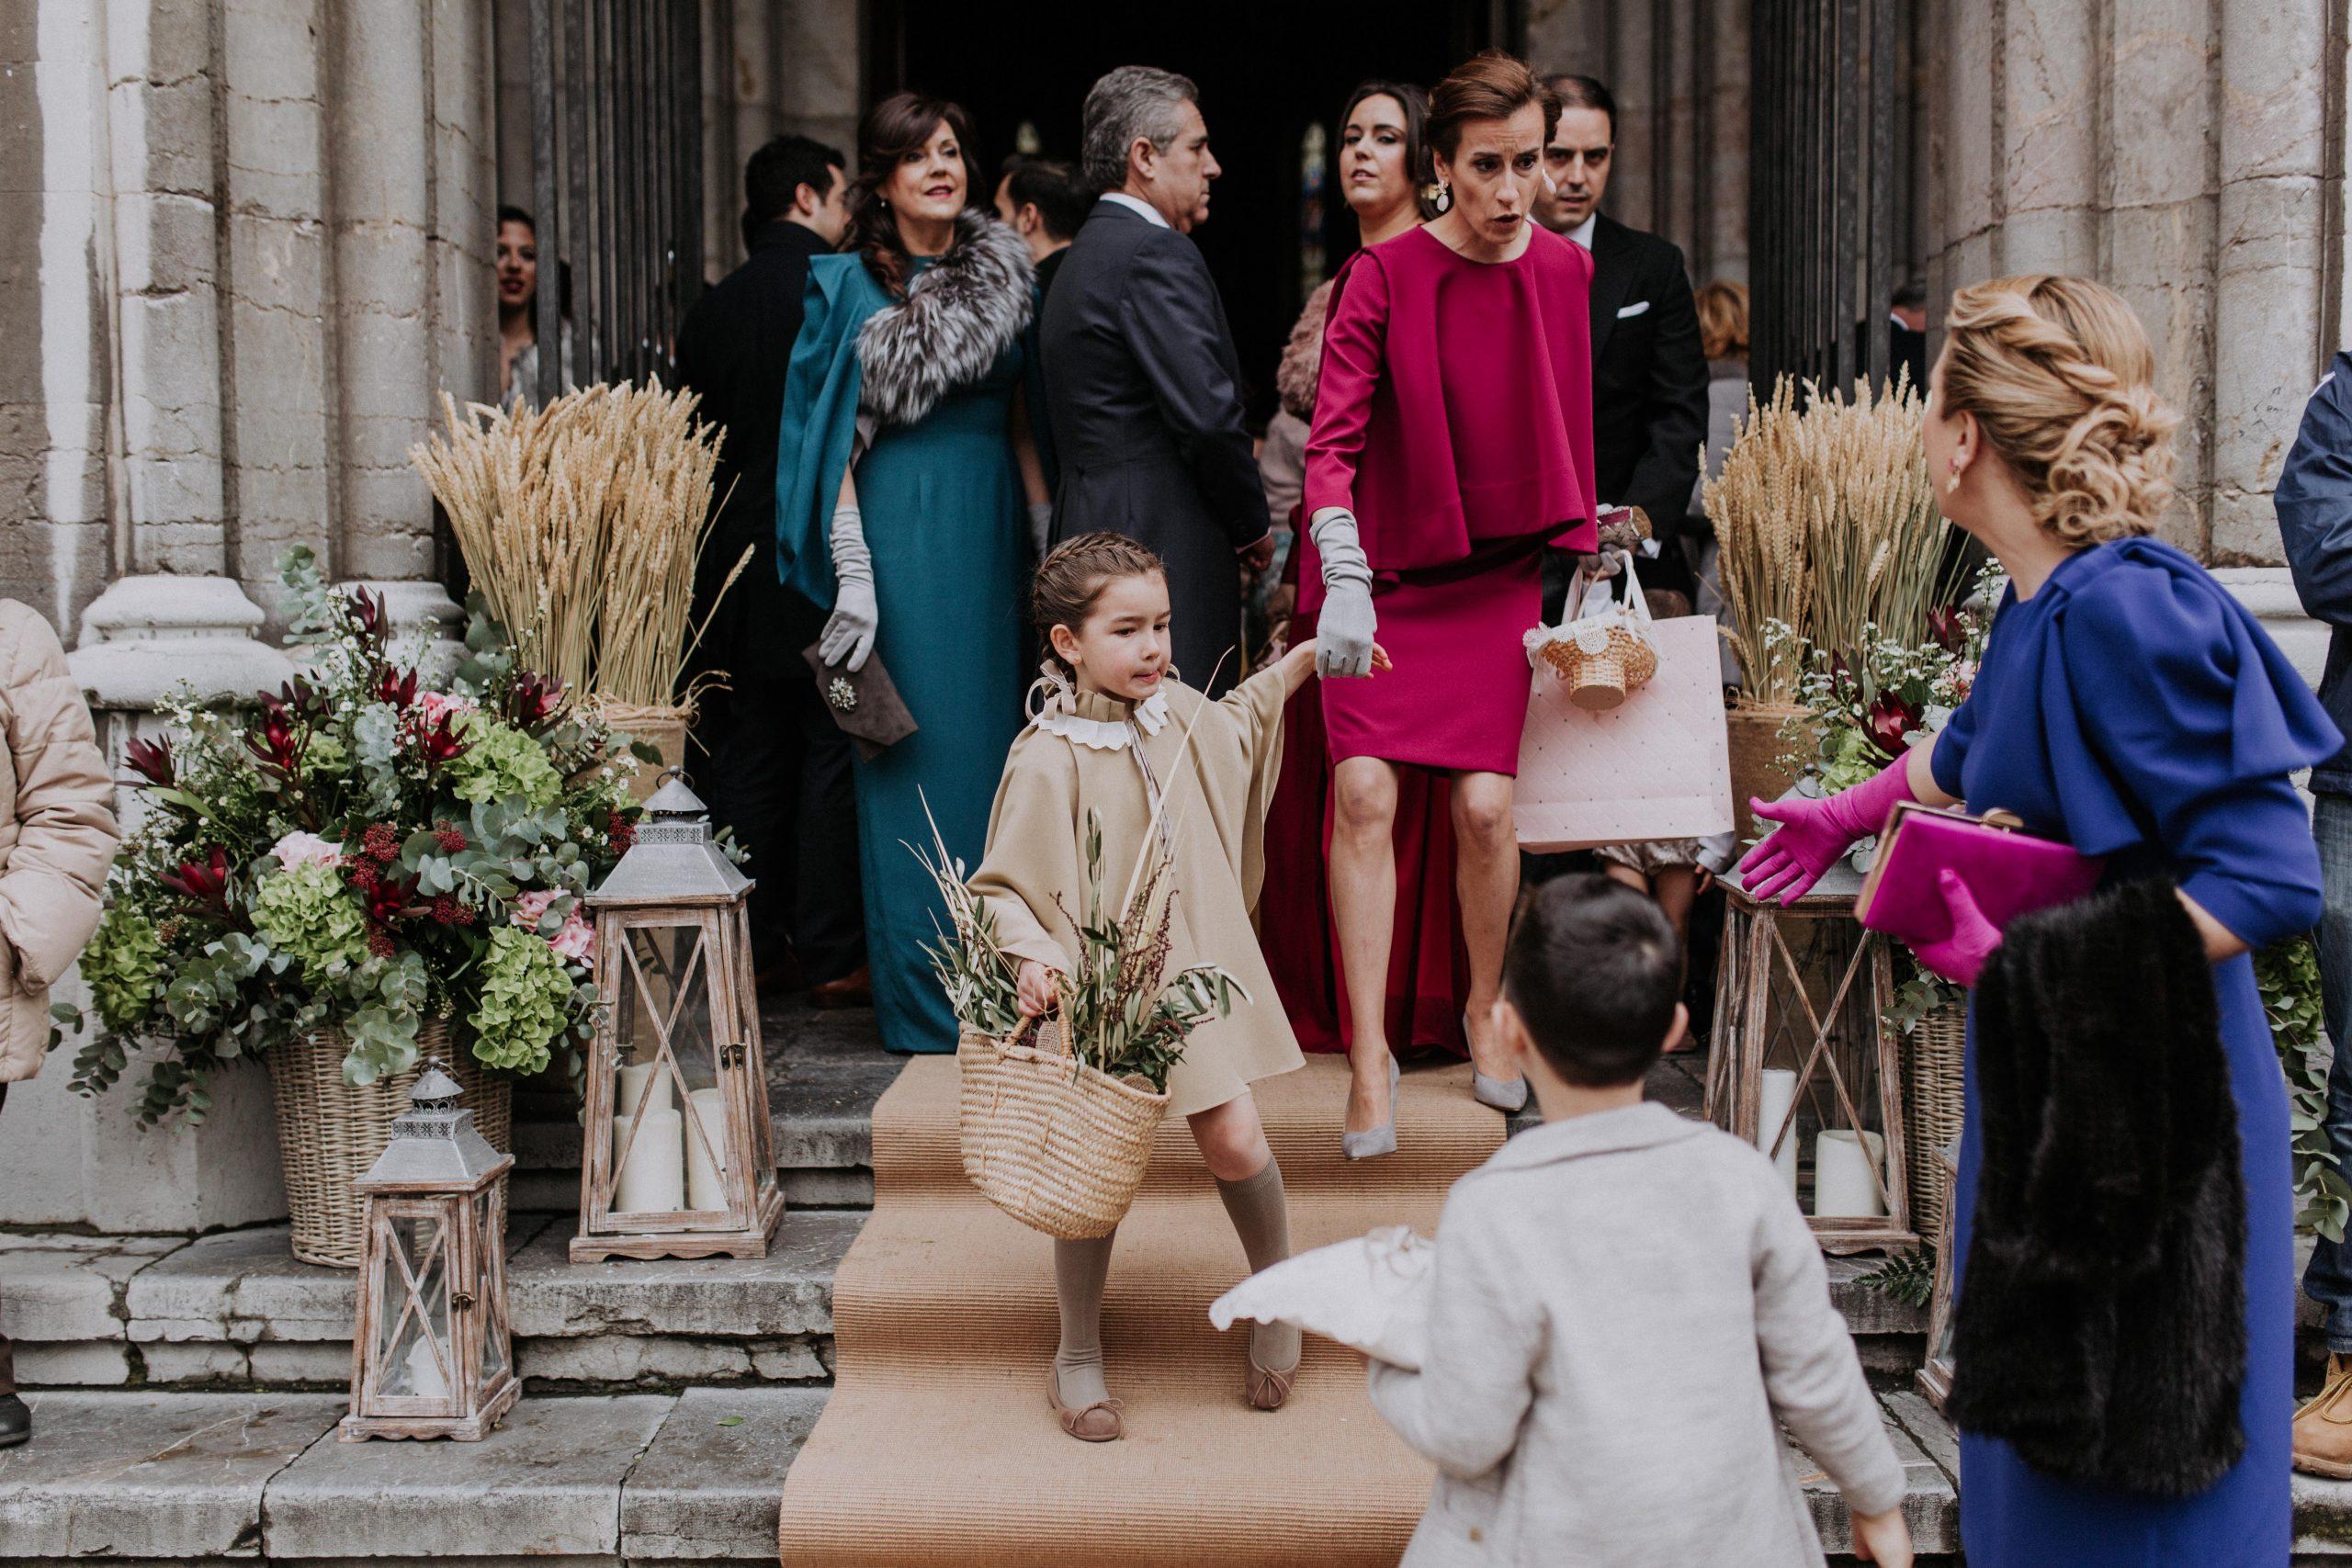 leymar-floristas-novias-asturias-aviles-ramos-bodas-decoracion-iglesia-mesas-novia (47)